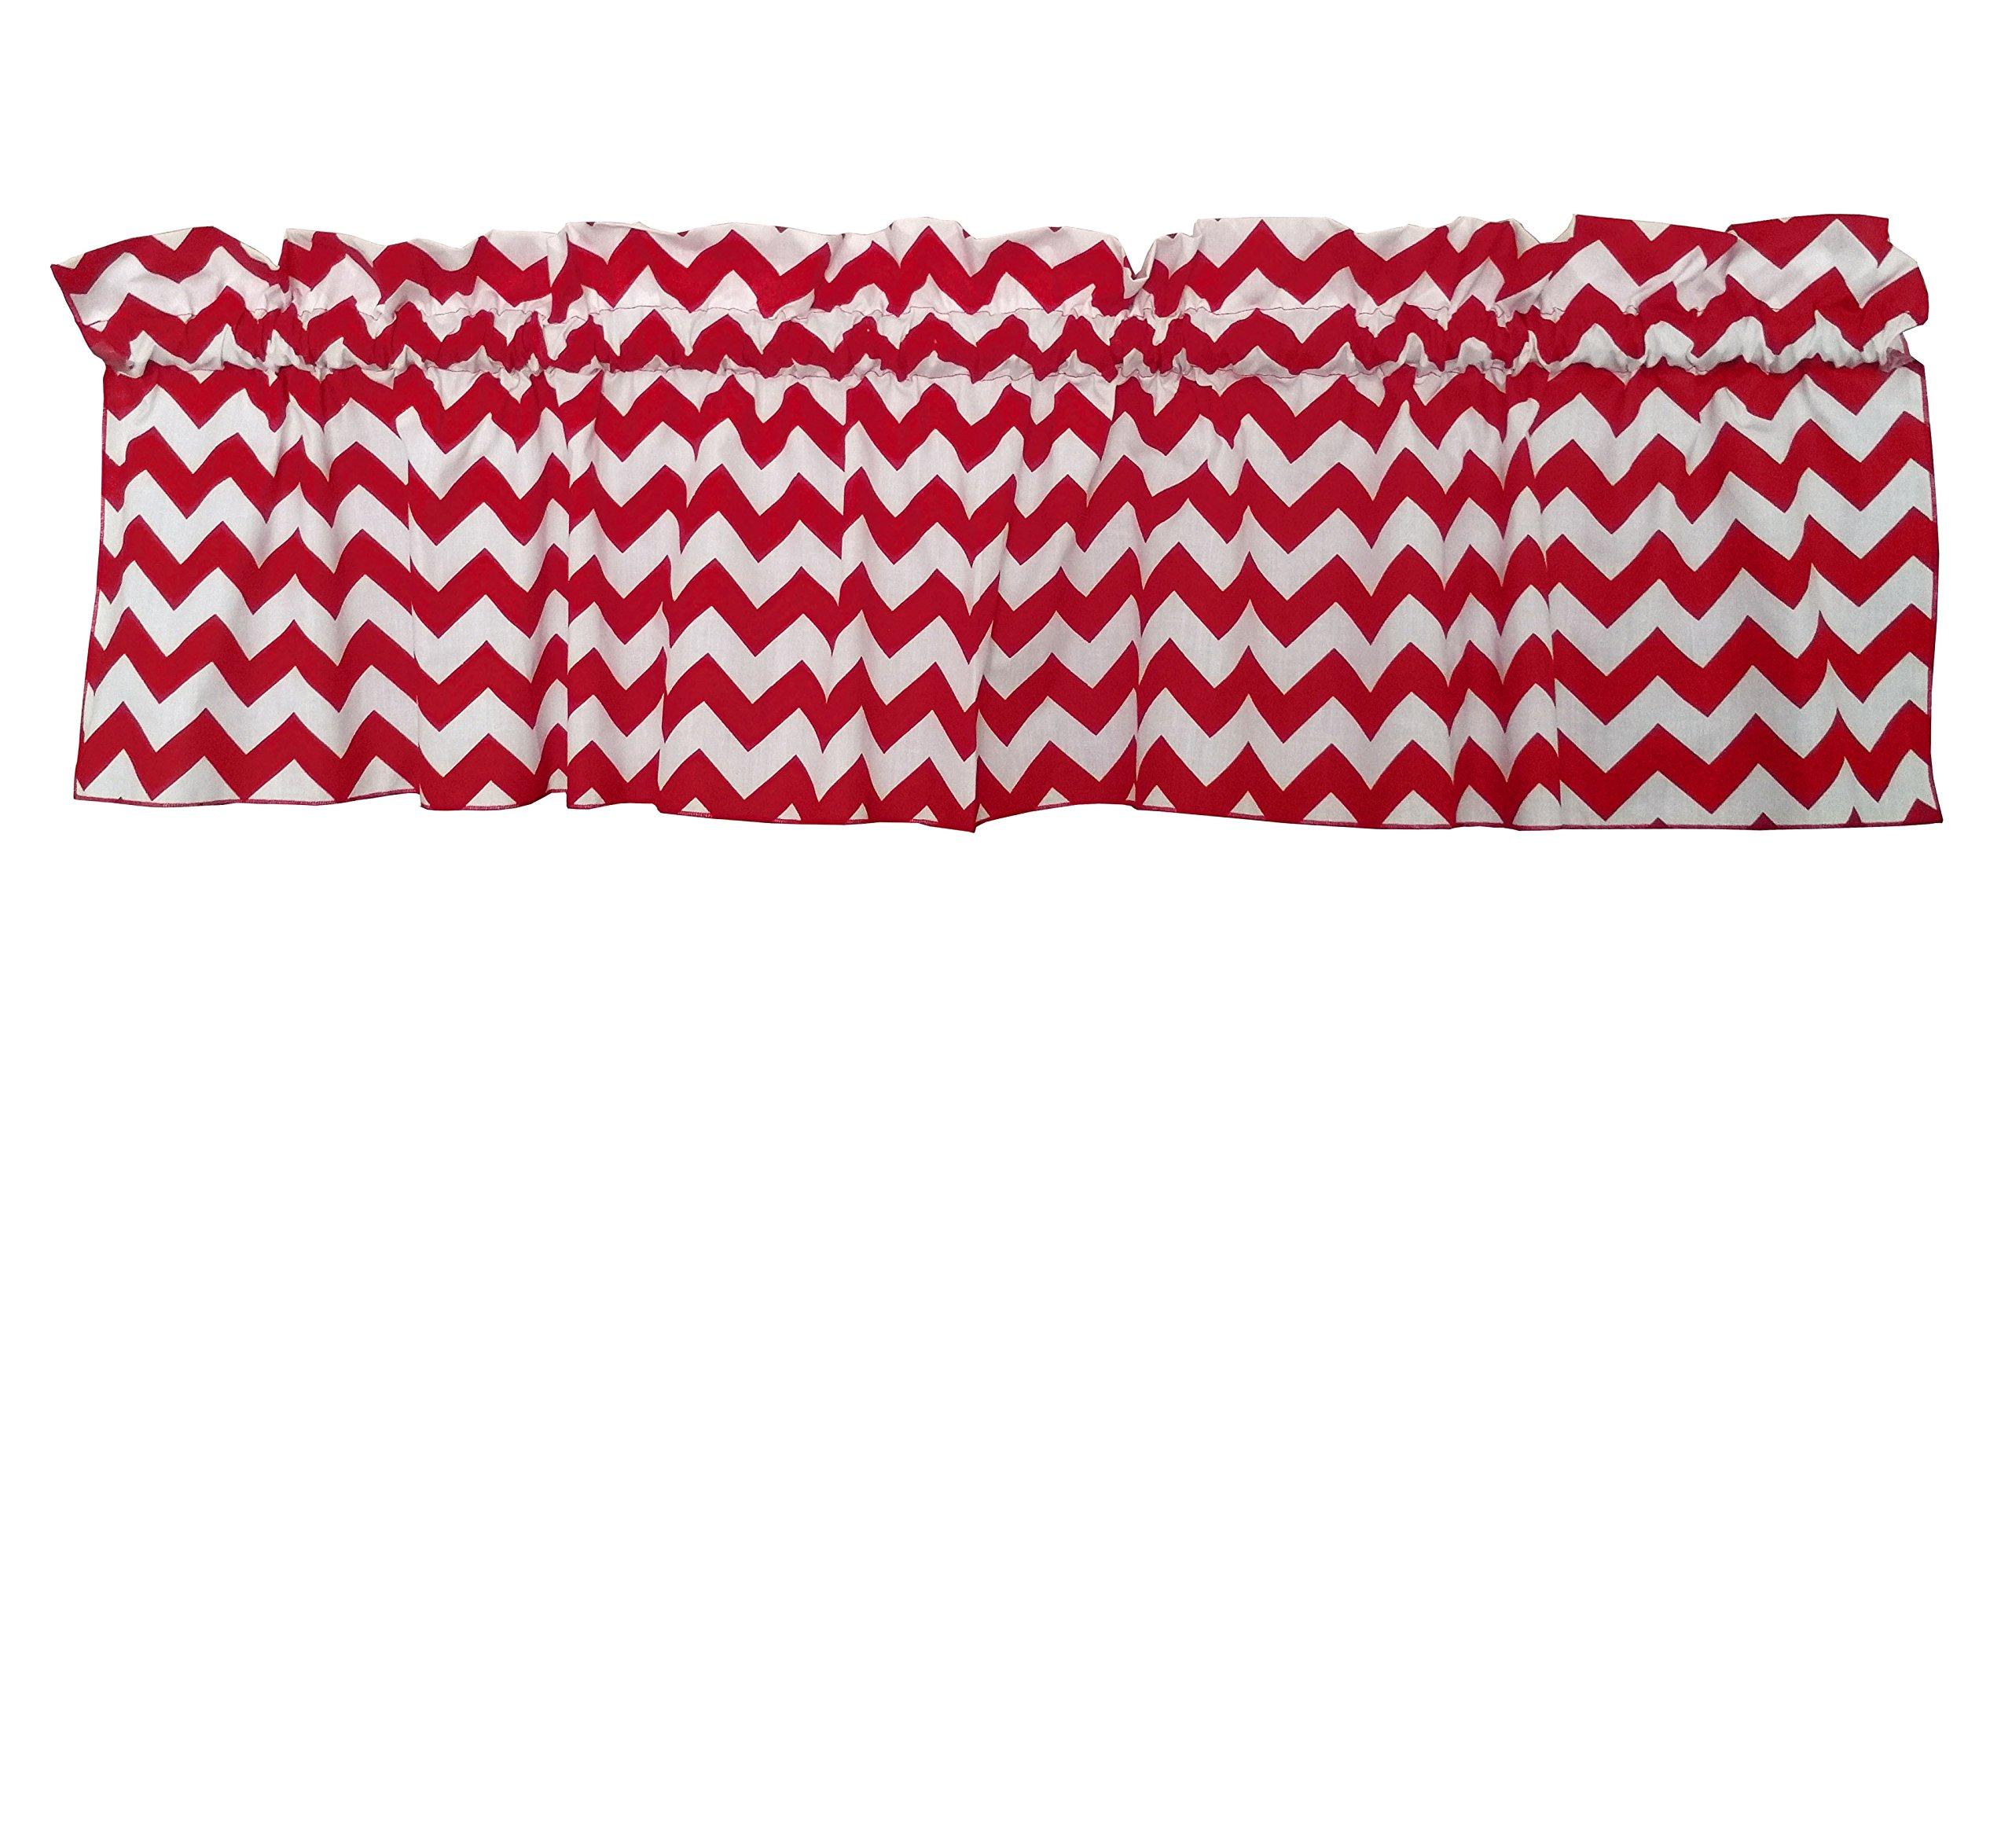 Zen Creative Designs Premium Cotton Chevron Curtain Valance / Home Decor / Window Treatment / Kitchen / Baby Nursery / Chevron / Zig-zag (18 Inch x 58 Inch, Red)